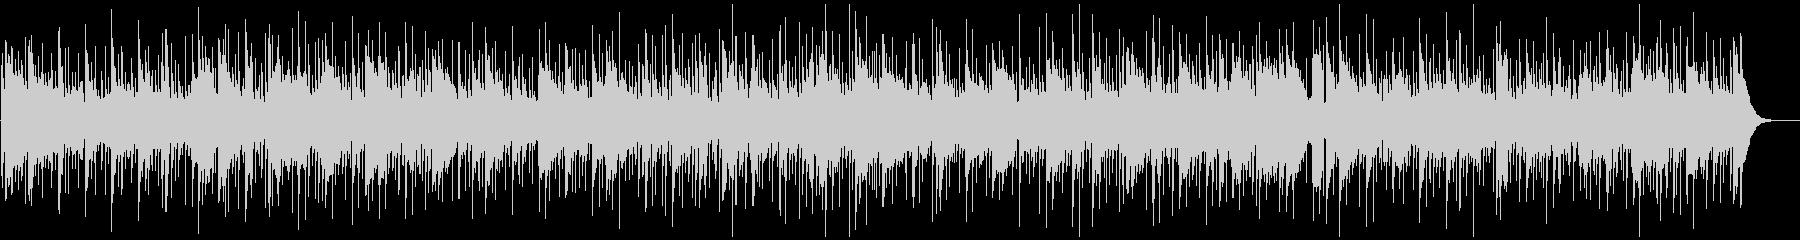 少しせつないマンドリンの音色、フォーク調の未再生の波形